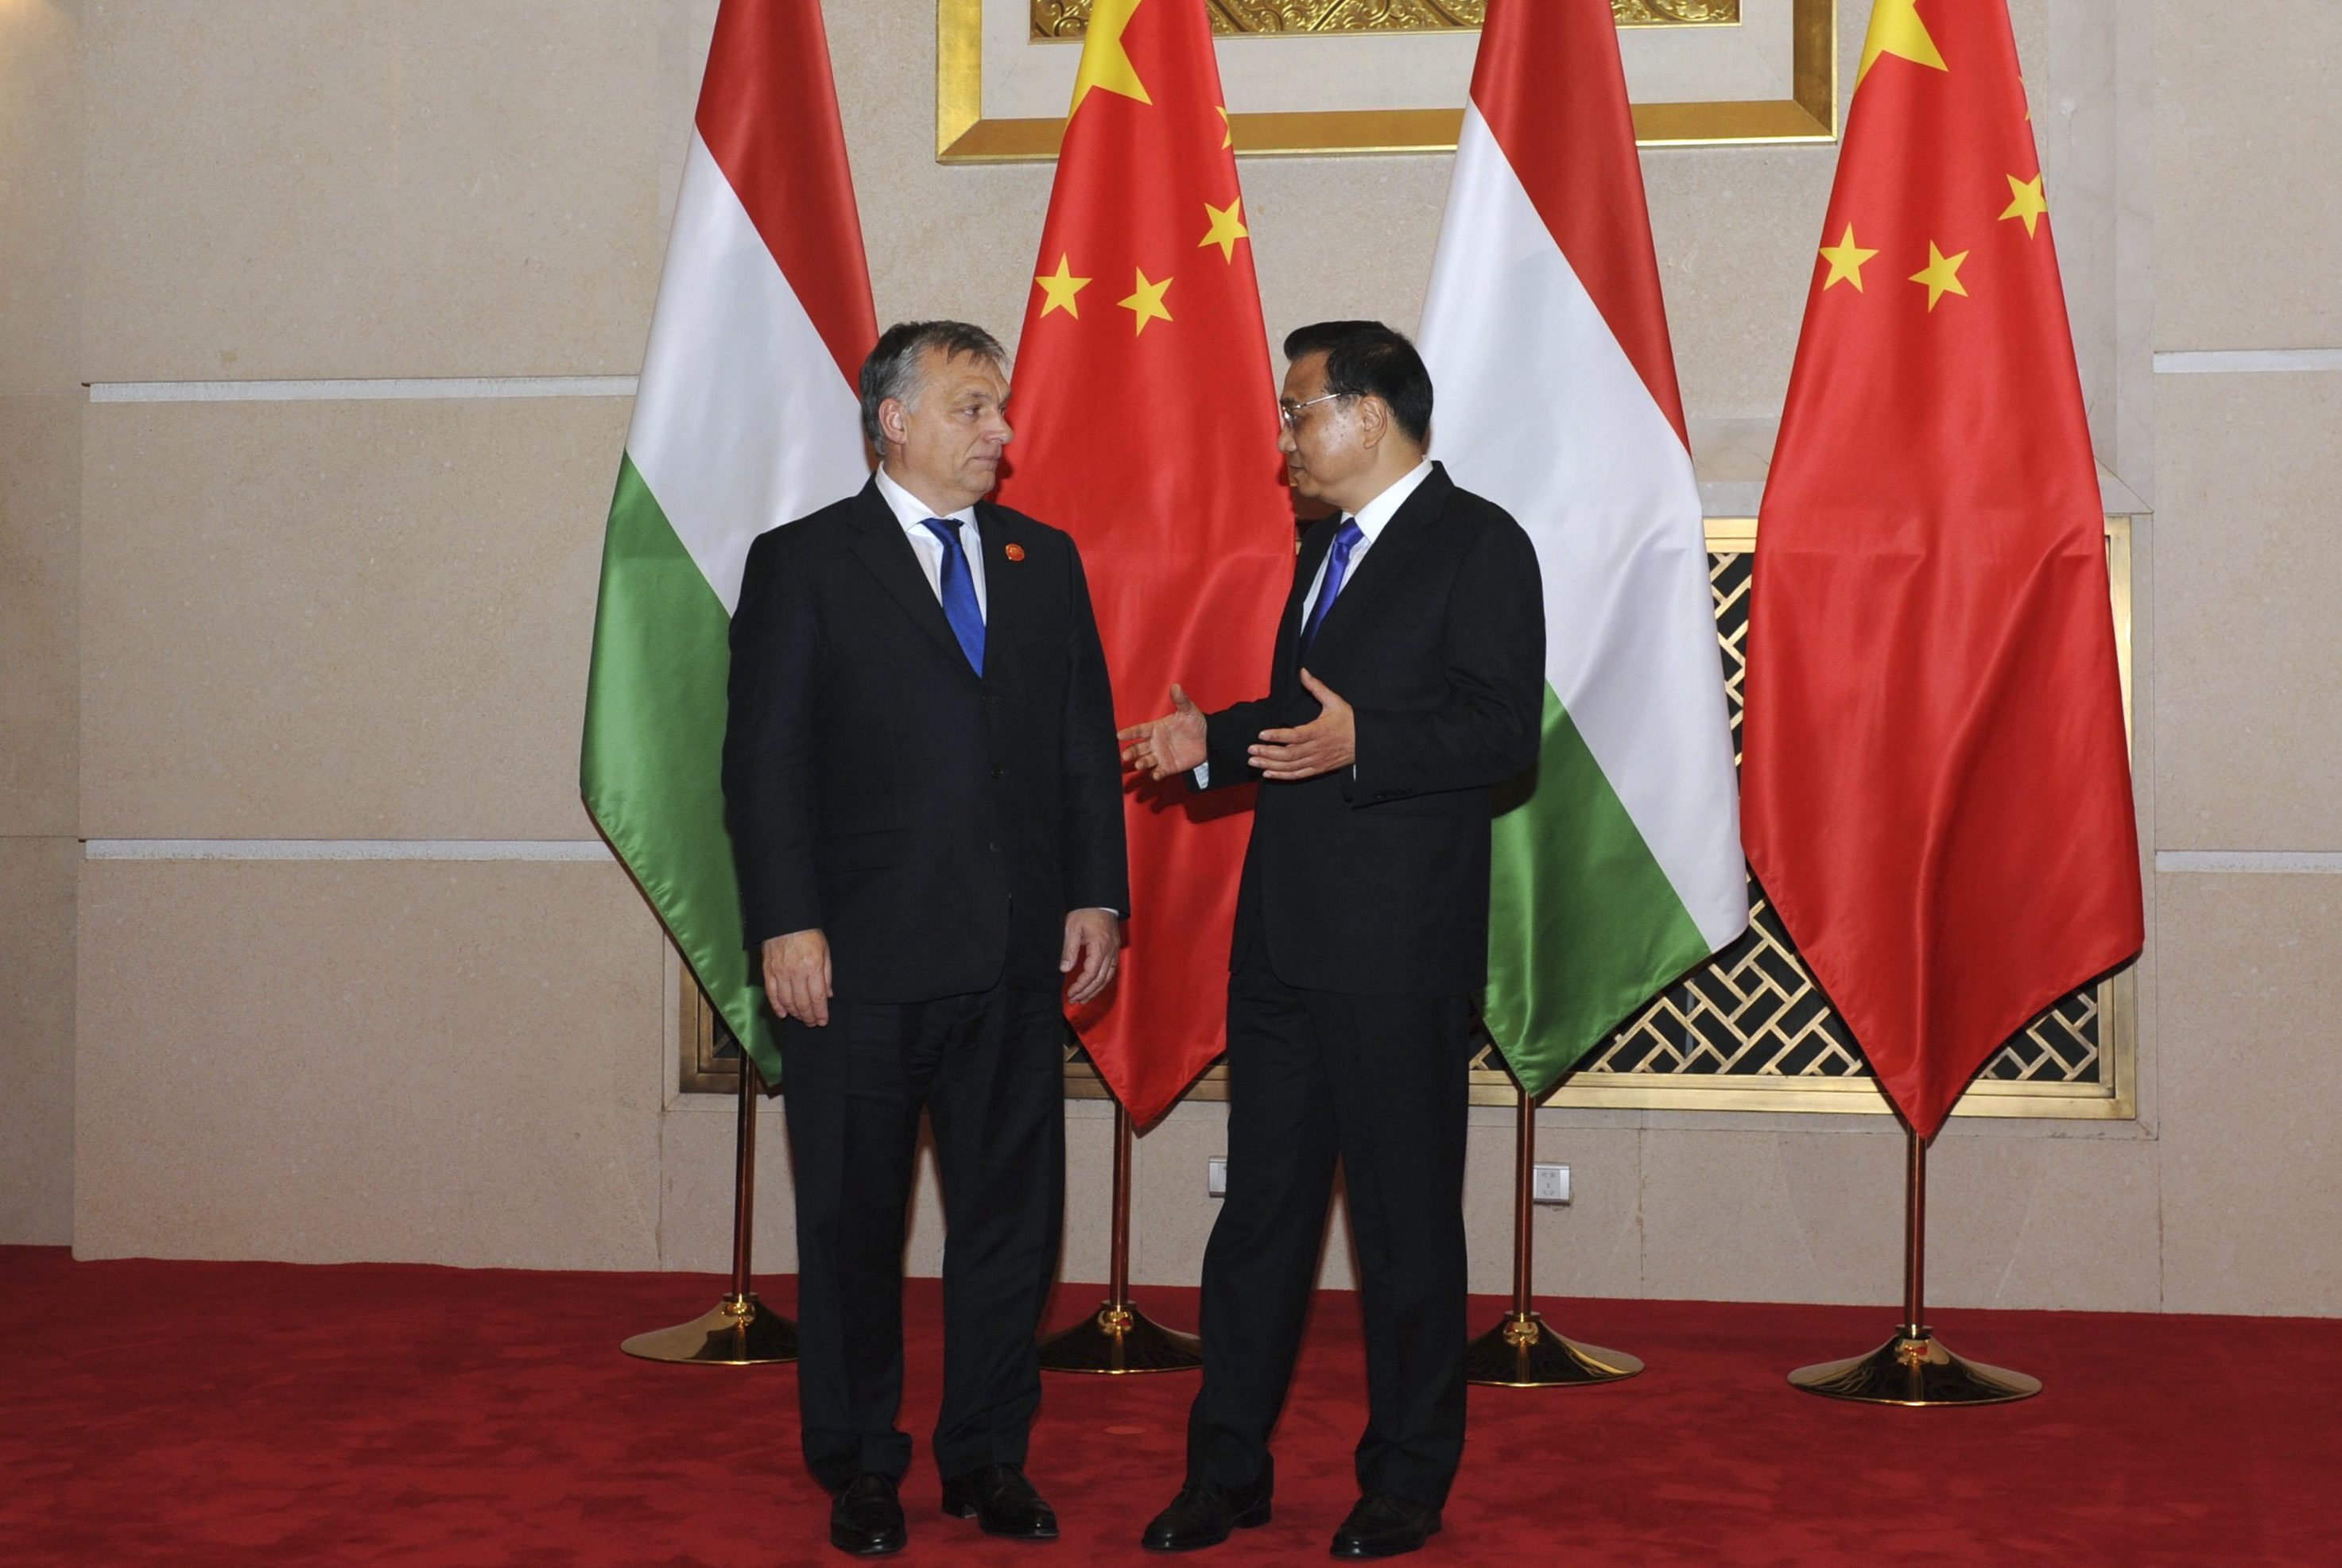 A magyar kormány megakadályozta, hogy elítélje kínai ellenzékiek bebörtönzését az EU